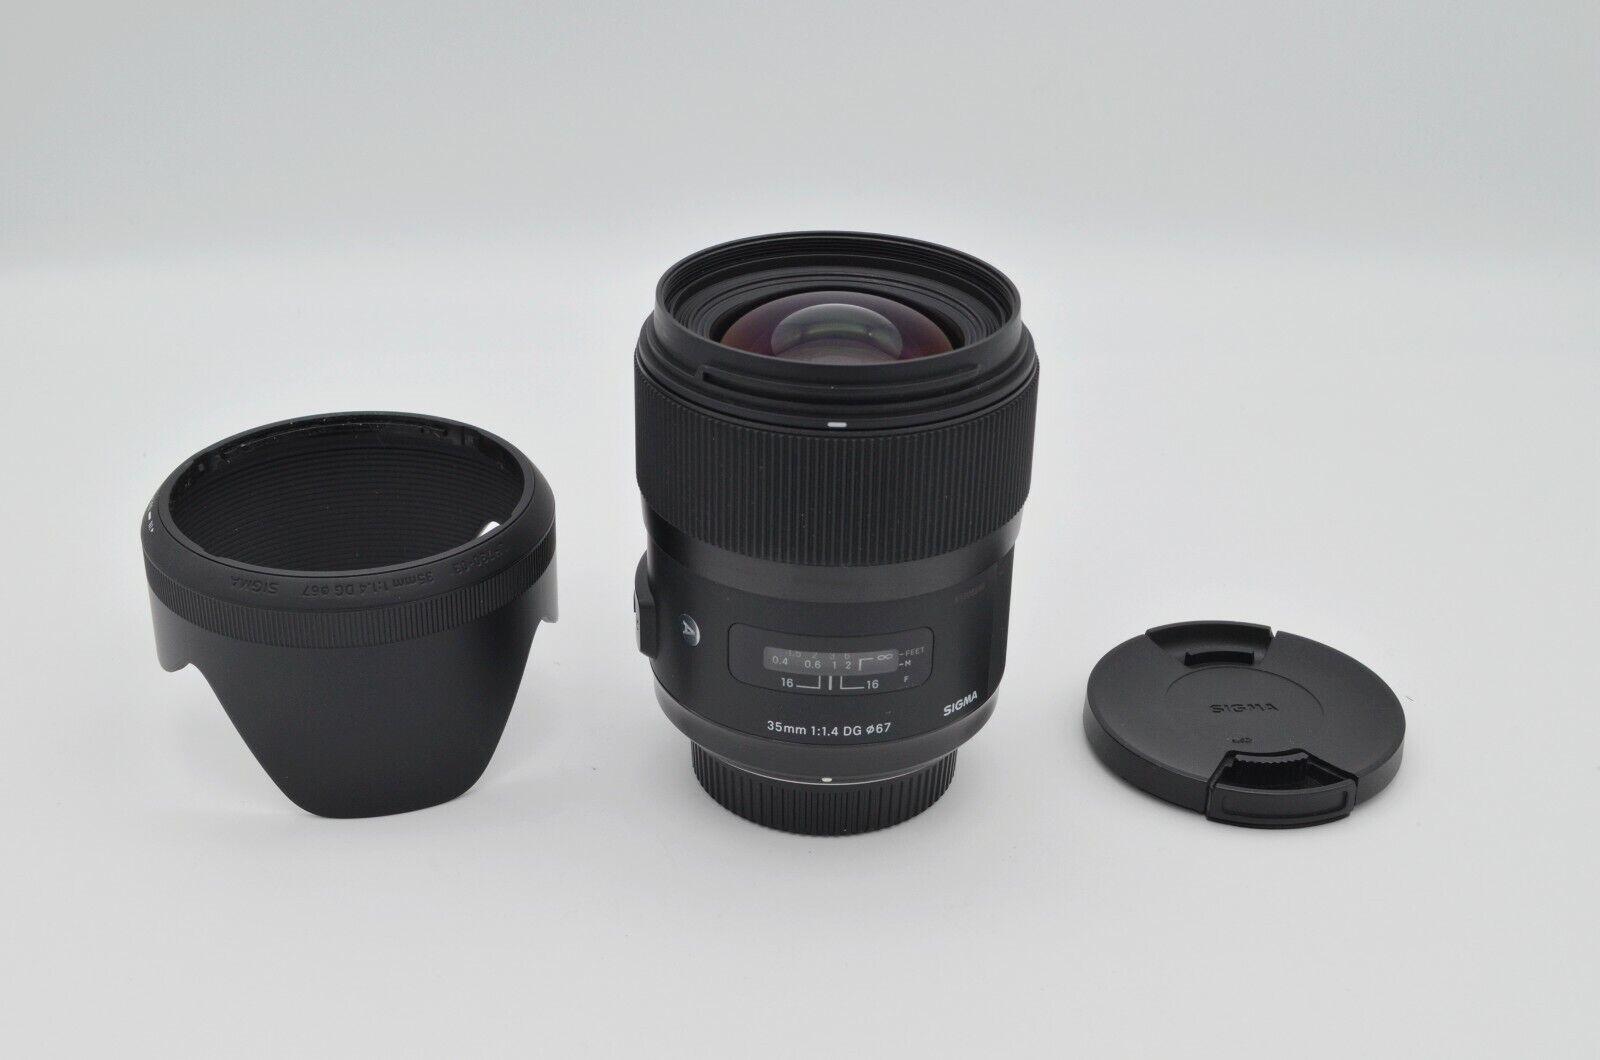 Kostenloser Versand landesweit. Sigma AF 35 mm f/1.4 DG HSM Art ...